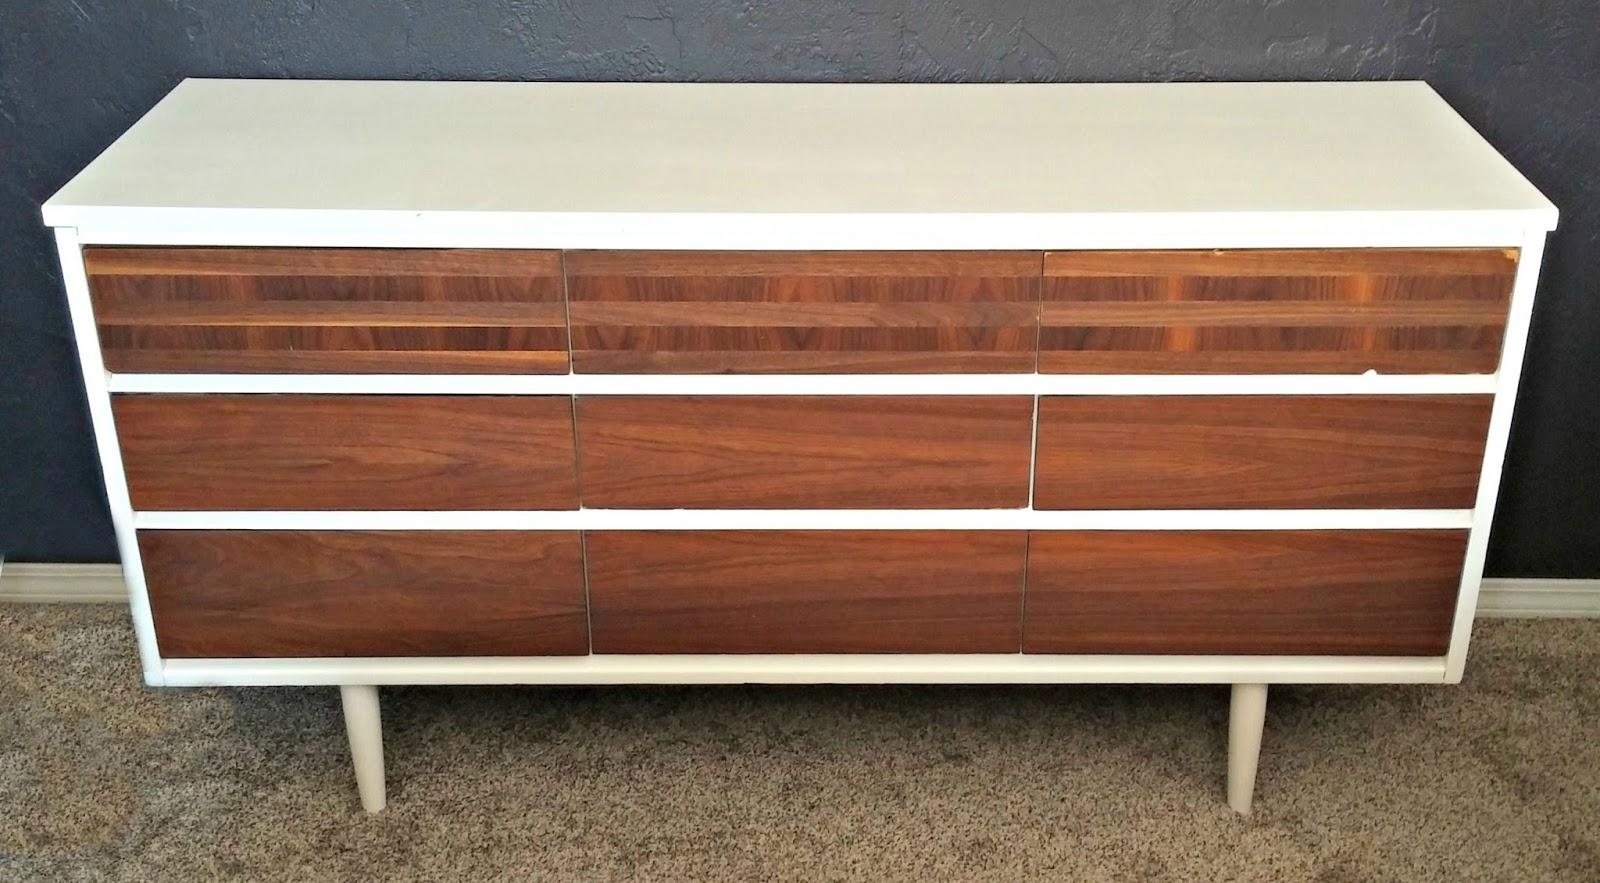 baker chippendale furniture viyet sto style wooden storage designer front dresser lowboy